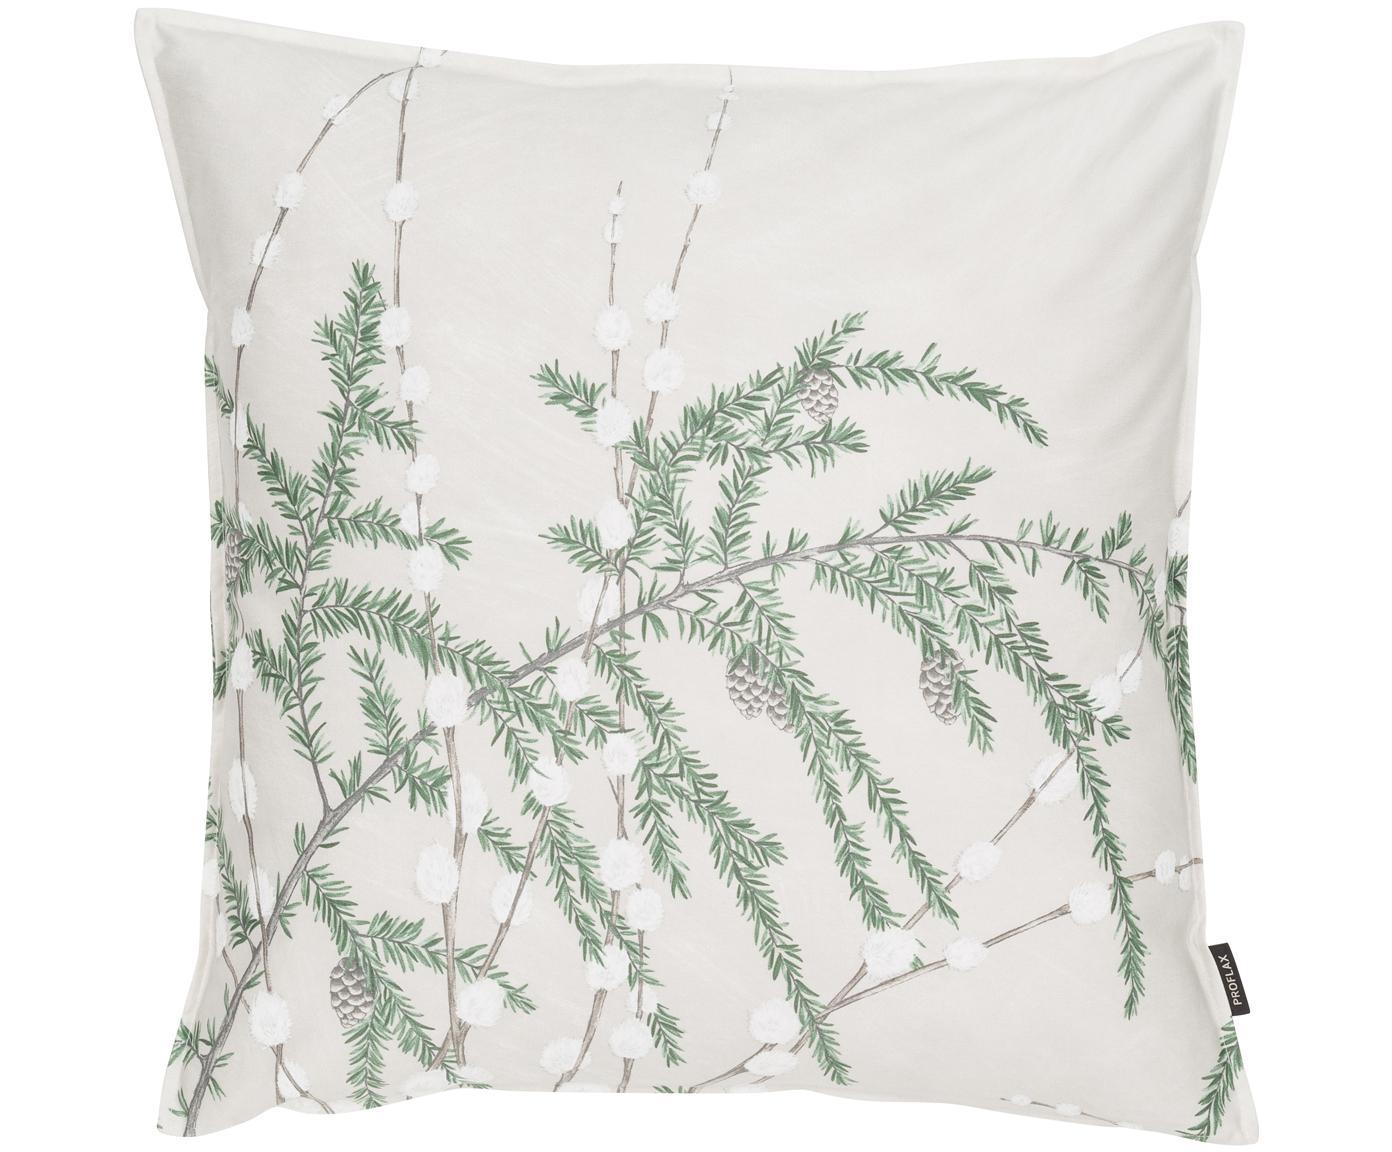 Kissenhülle Cedar mit winterlichem Motiv, Baumwolle, Vorder- und Rückseite: Beige, Grün, Weiß, 50 x 50 cm